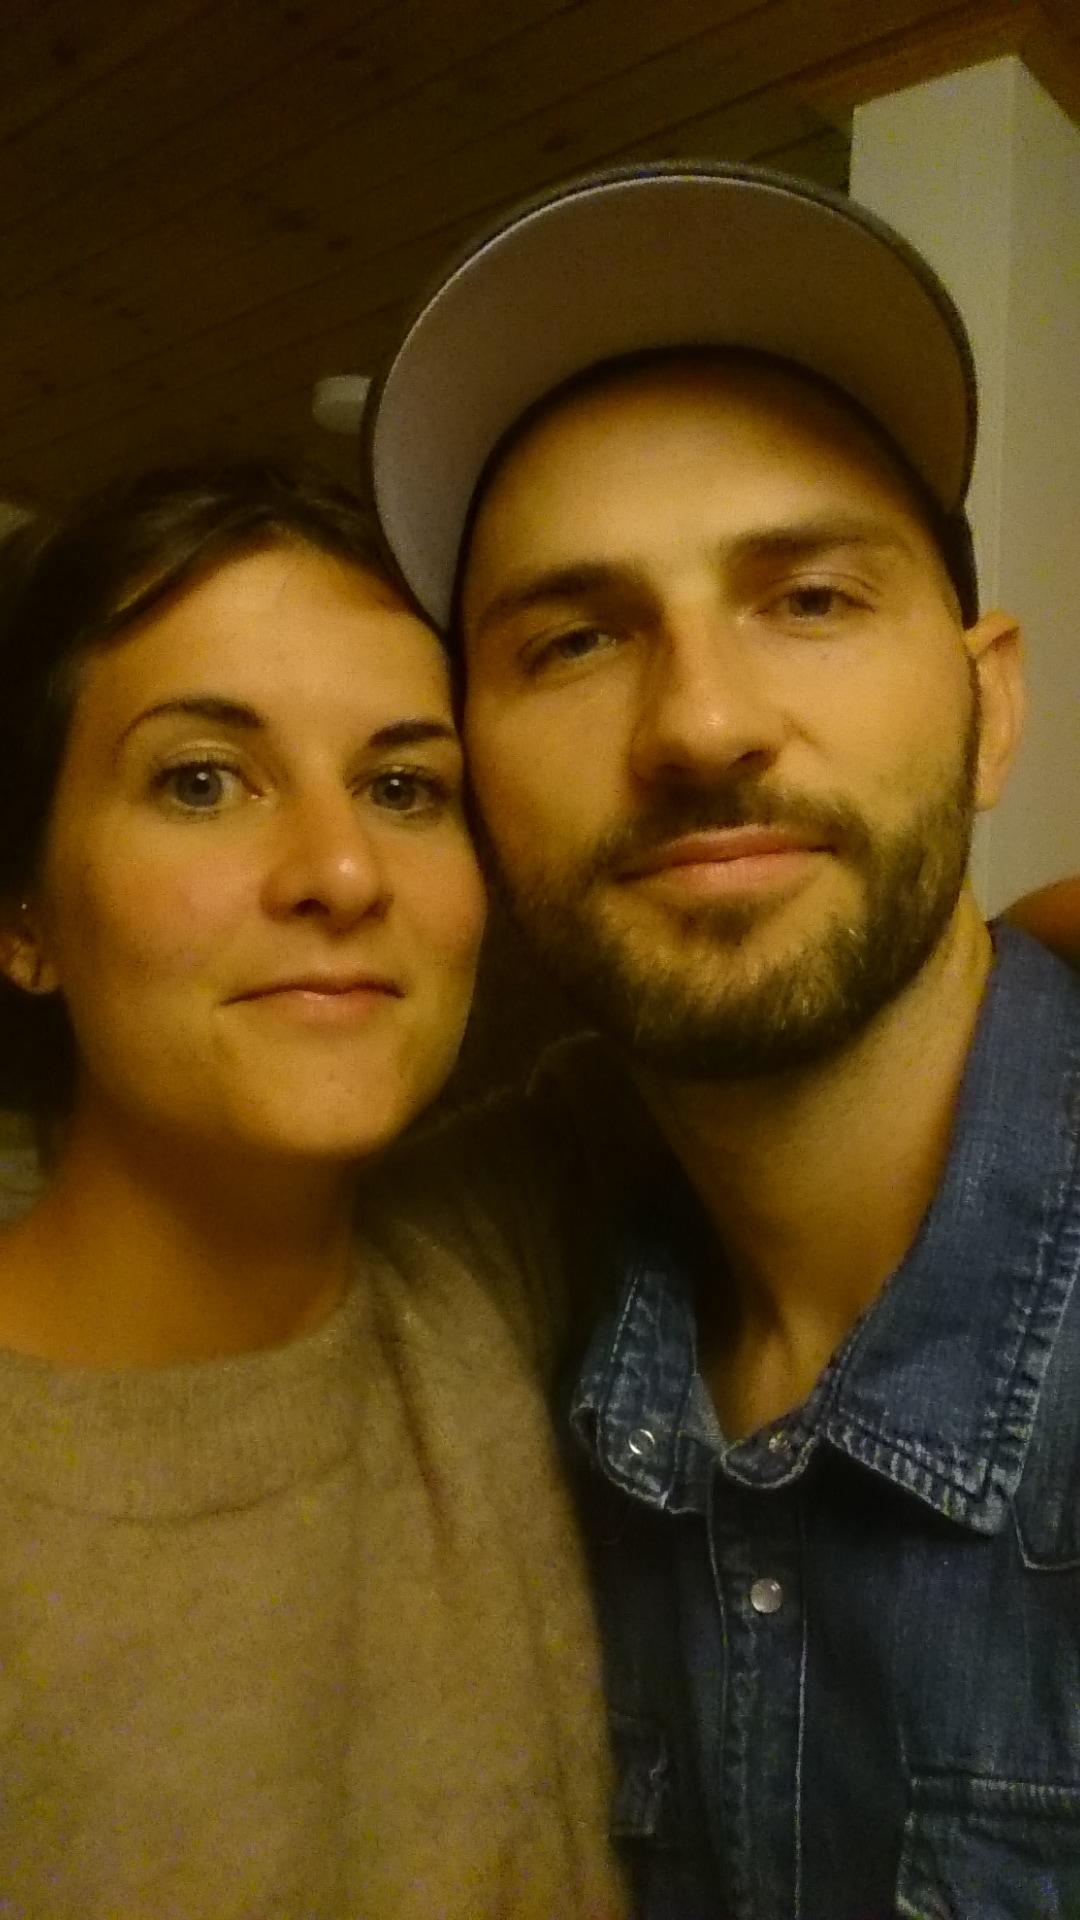 Malthe & Karen From Melby, Denmark